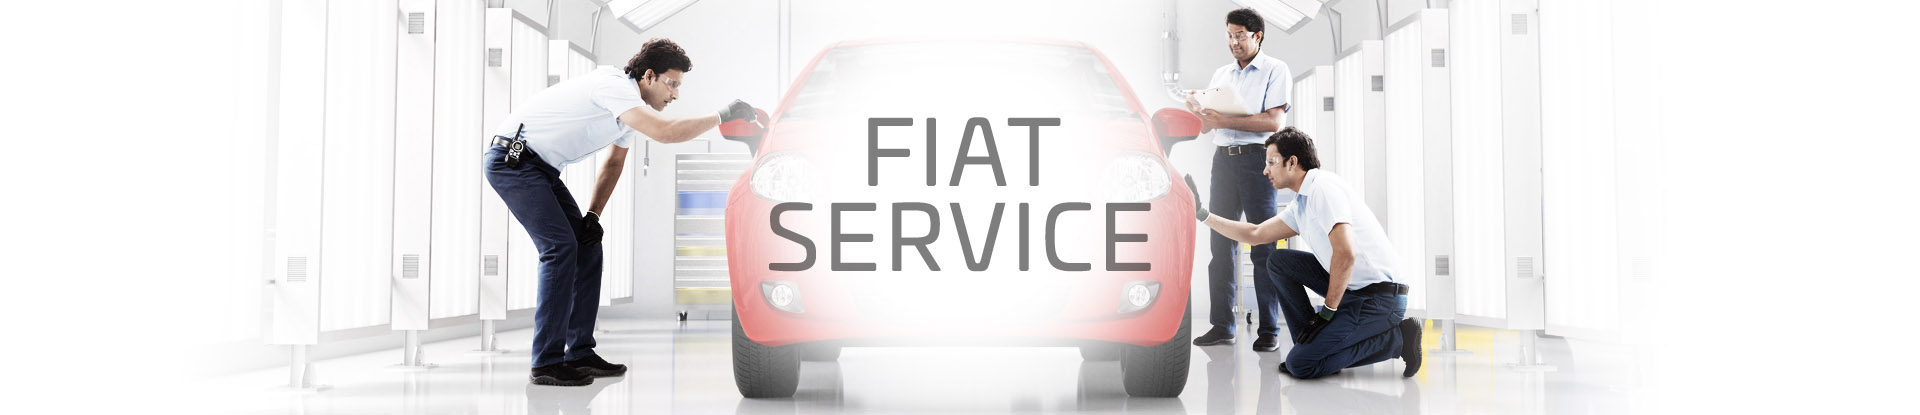 Fiat Reparaturen und Service